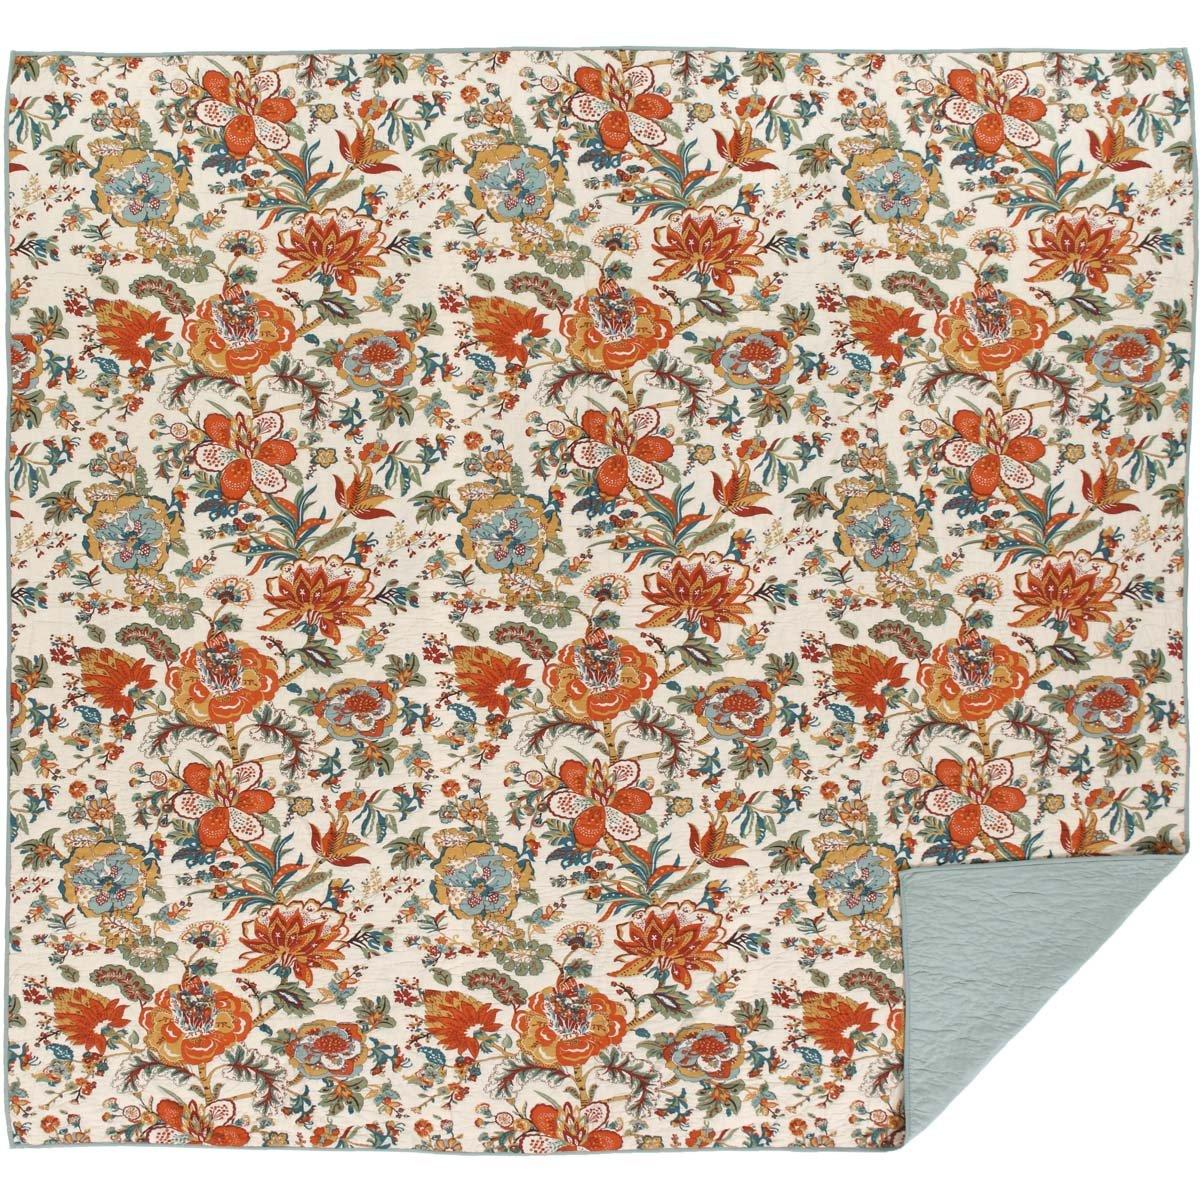 VHC Brands Farmhouse Bedding-Meredith Orange Quilt, Queen